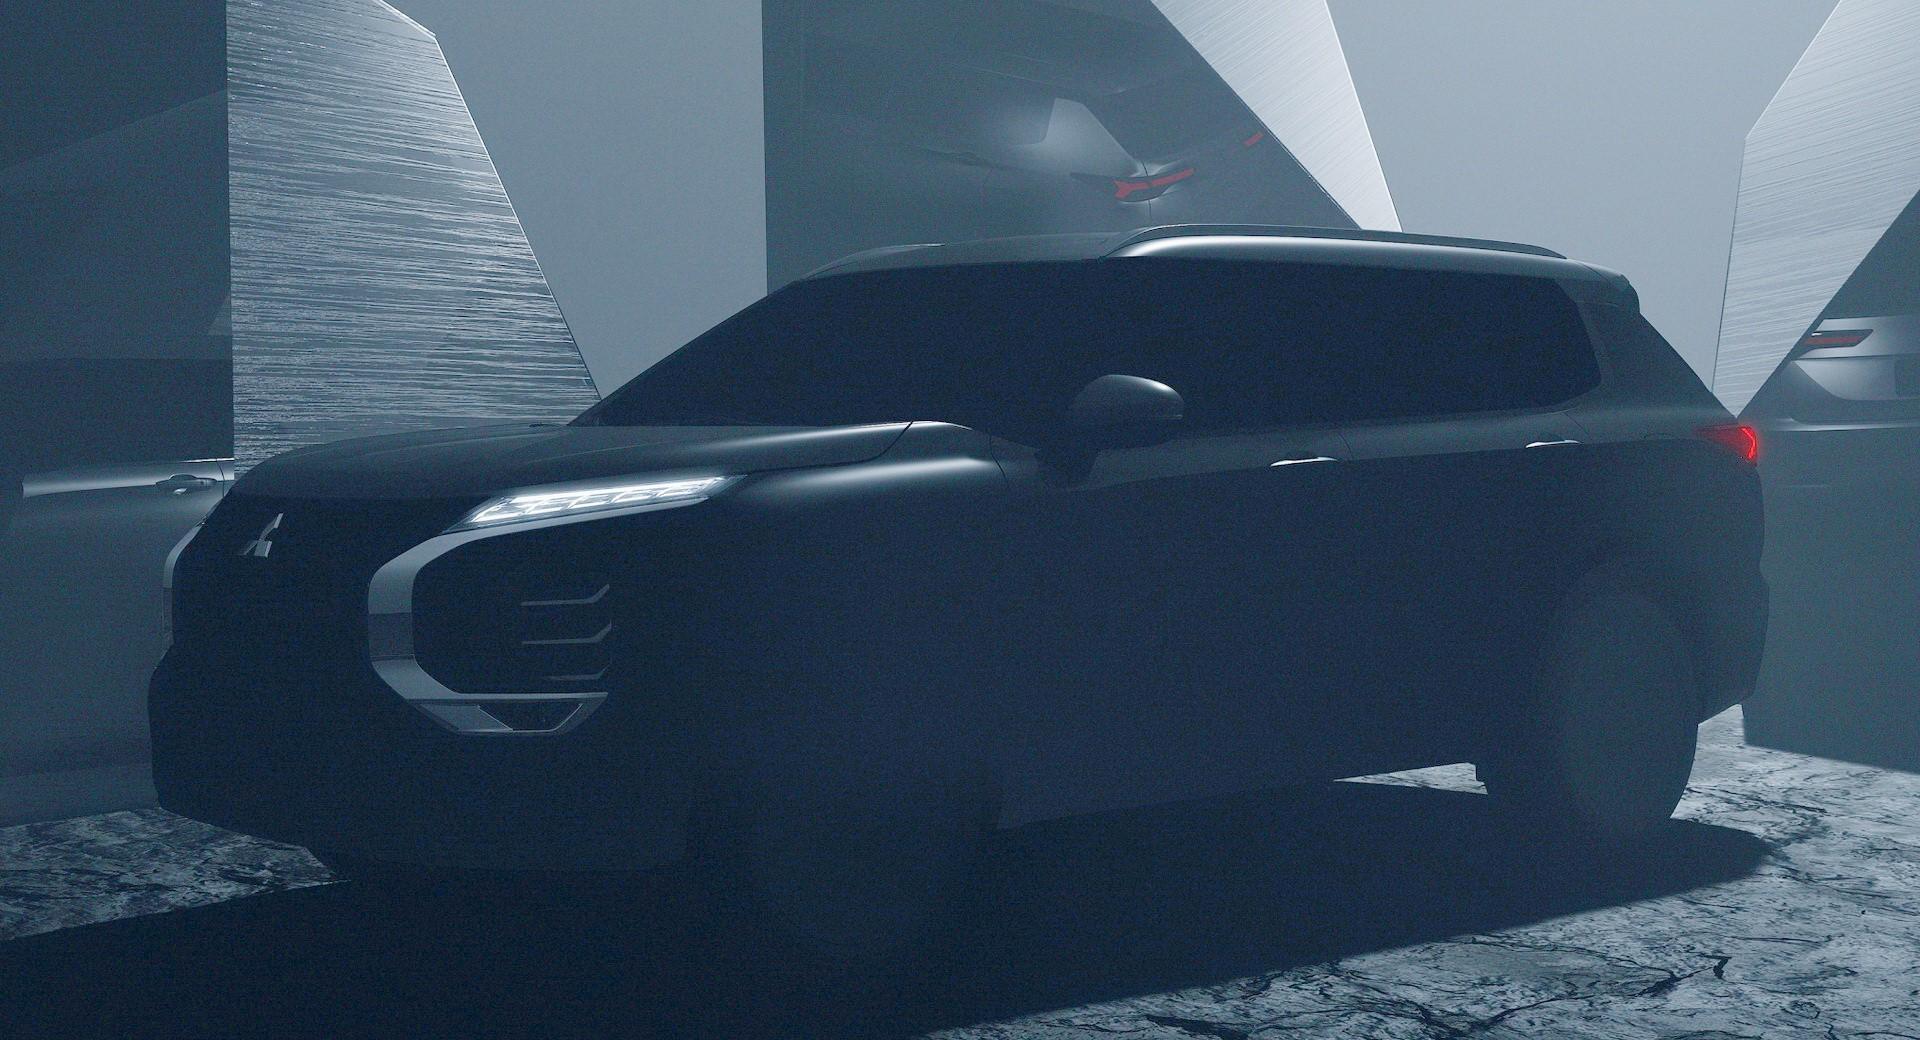 2022年三菱欧蓝德将于2月16日在亚马逊Prime上开箱